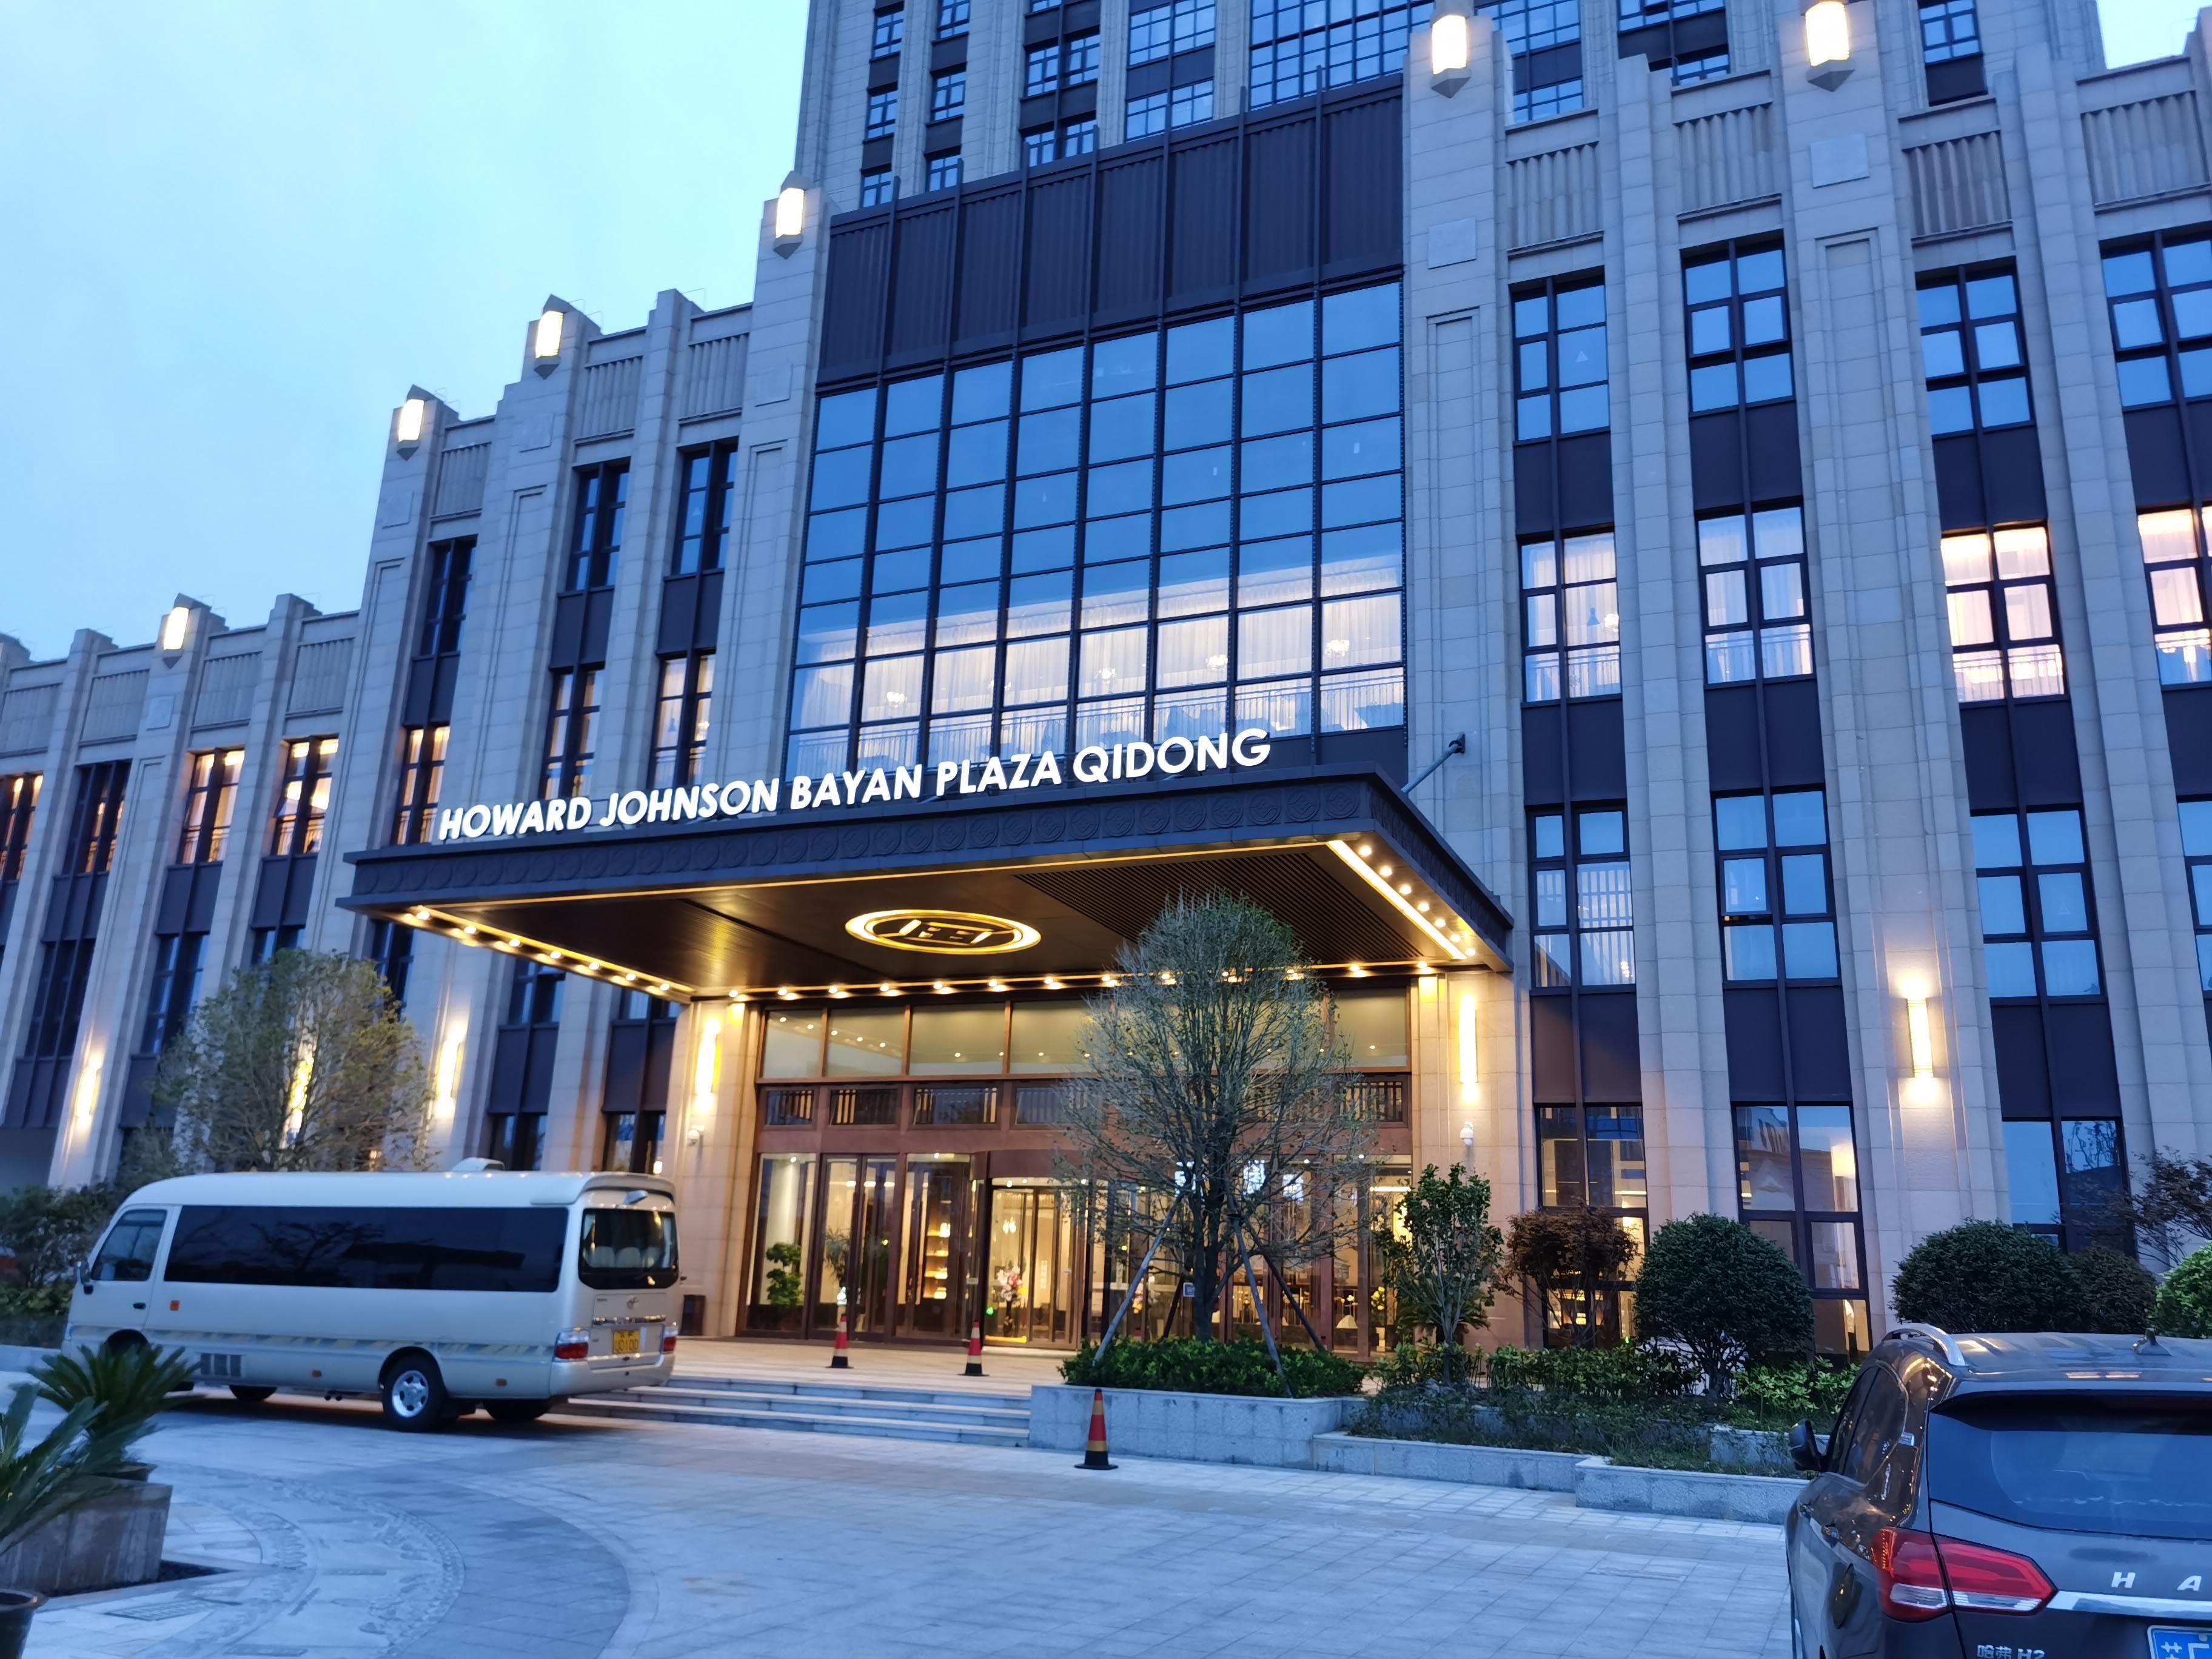 【京邦·酒店广播系统案例】百源豪生大酒店